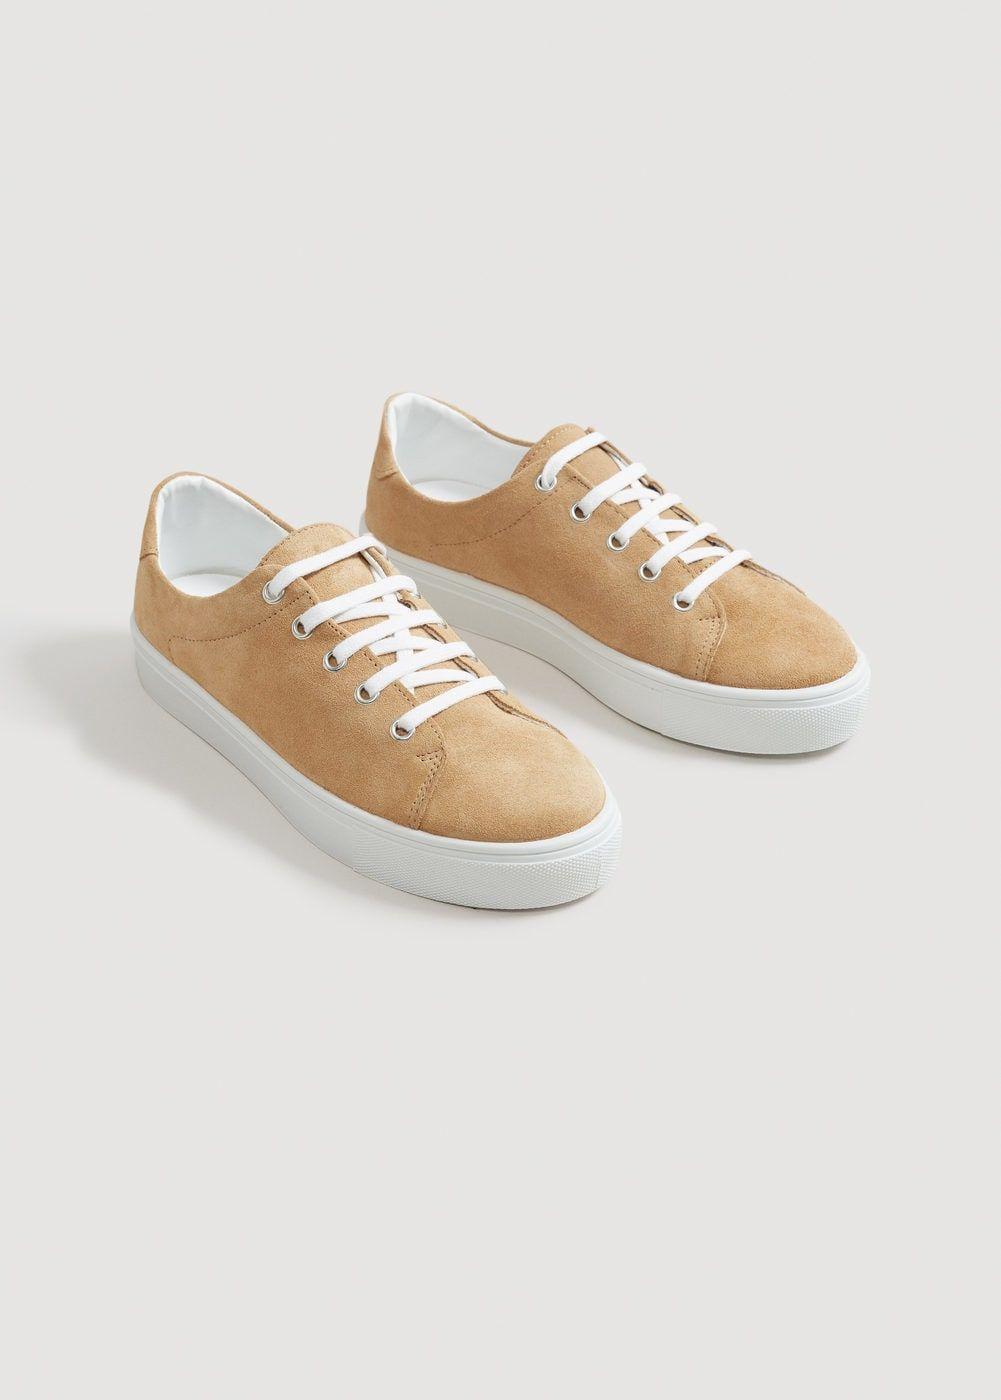 muy elogiado precios de liquidación bajo precio Deportivas piel - Mujer en 2019   Moda   Zapatos, Zapatos ...